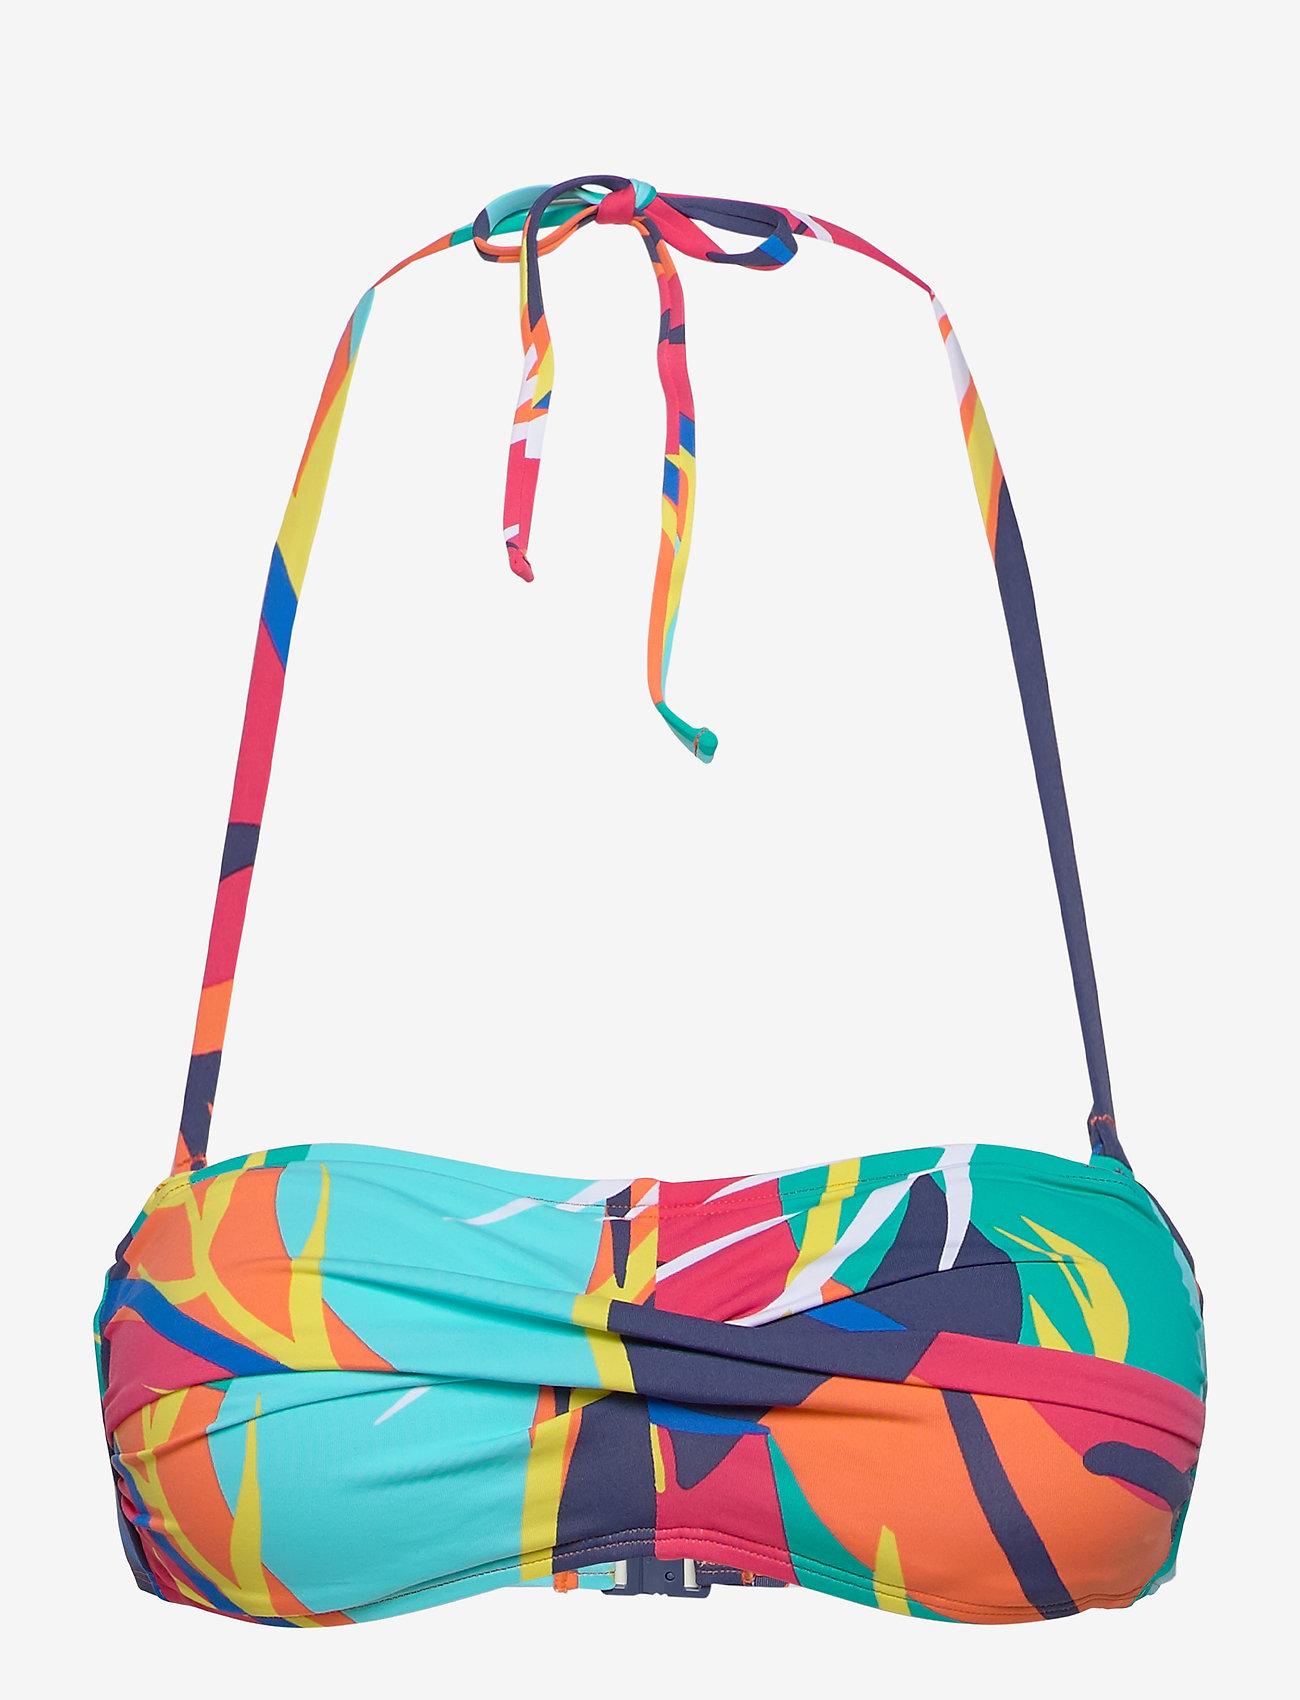 Esprit Bodywear Women - Beach Tops wireless - bikinitopper - red orange - 1